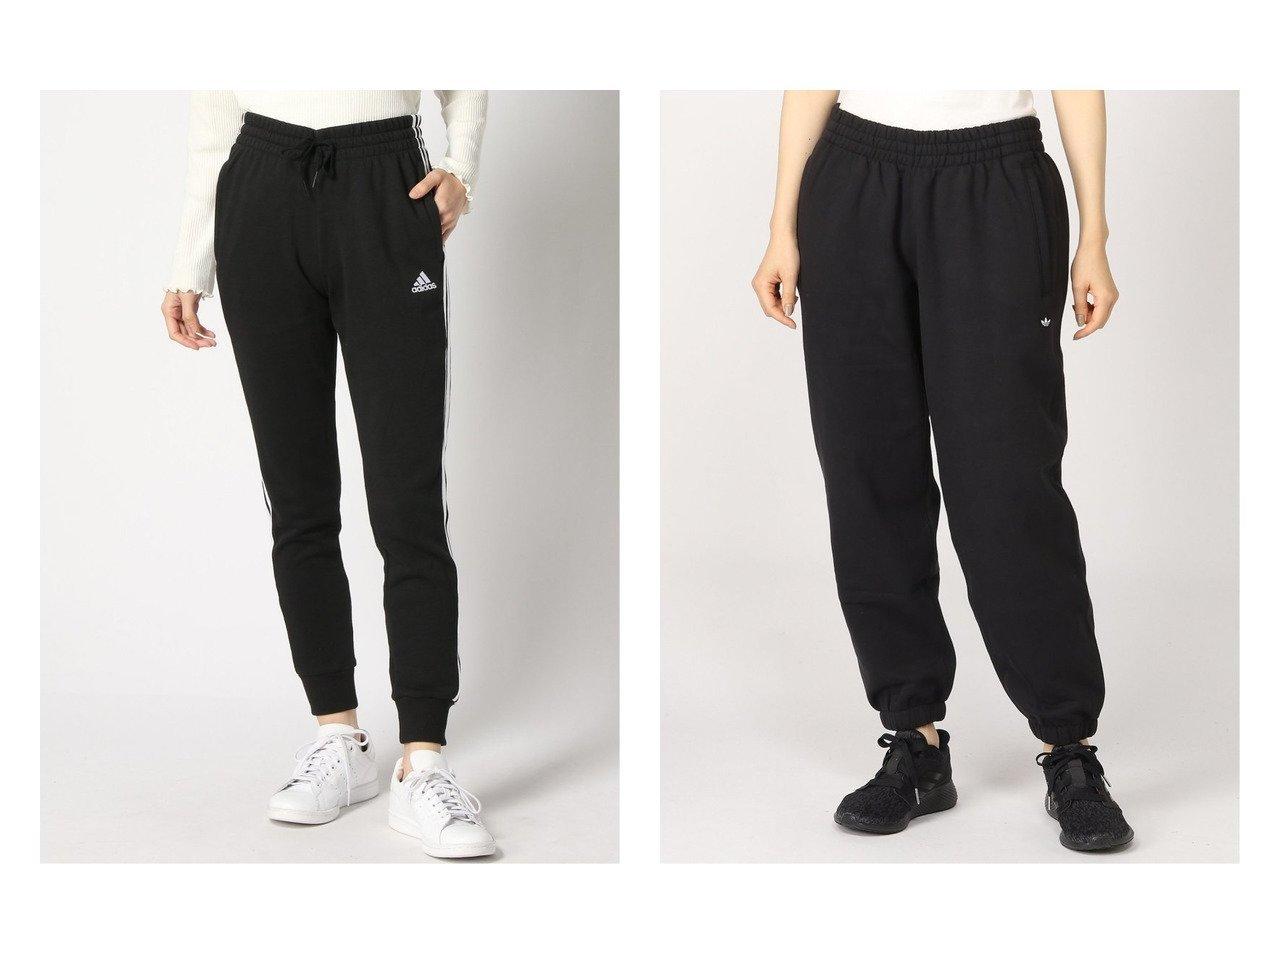 【adidas Originals/アディダス オリジナルス】のプレミアムスウェットパンツ PREMIUM SWEATPANTS アディダスオリジナルス&【adidas Sports Performance/アディダス スポーツ パフォーマンス】のエッセンシャルズ フレンチテリー 3ストライプス パンツ Essentials French Terry 3-Stripes Pants アディダス パンツのおすすめ!人気、トレンド・レディースファッションの通販  おすすめで人気の流行・トレンド、ファッションの通販商品 メンズファッション・キッズファッション・インテリア・家具・レディースファッション・服の通販 founy(ファニー) https://founy.com/ ファッション Fashion レディースファッション WOMEN パンツ Pants クラシック ジーンズ スポーツ フレンチ ポケット NEW・新作・新着・新入荷 New Arrivals ドローコード プレミアム |ID:crp329100000018868